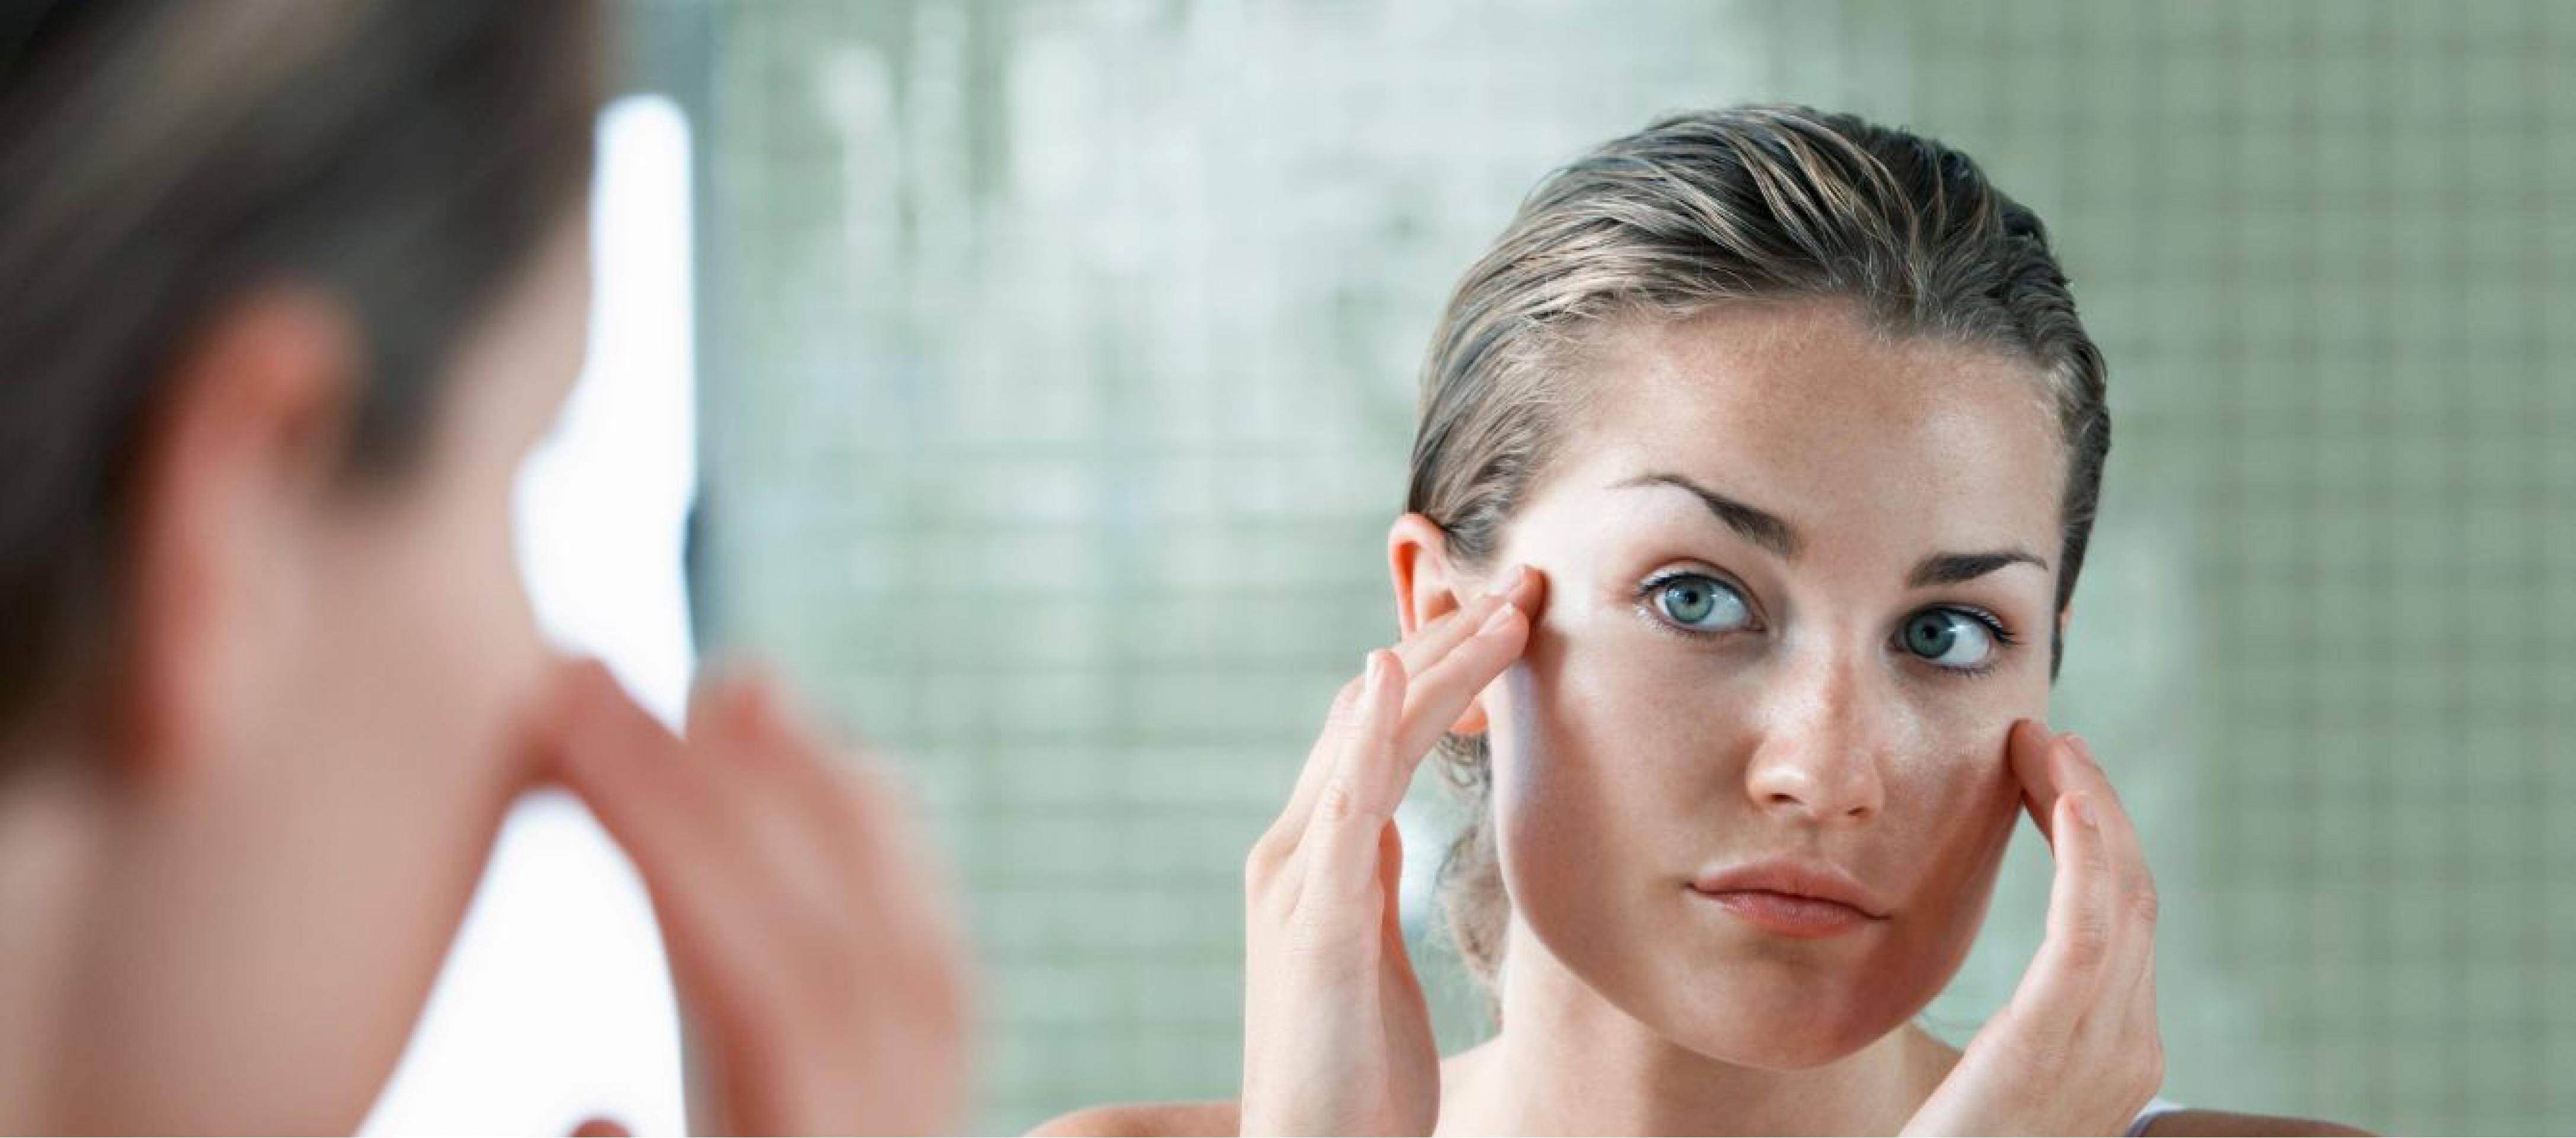 Как подобрать крем для лица с учетом типа кожи?